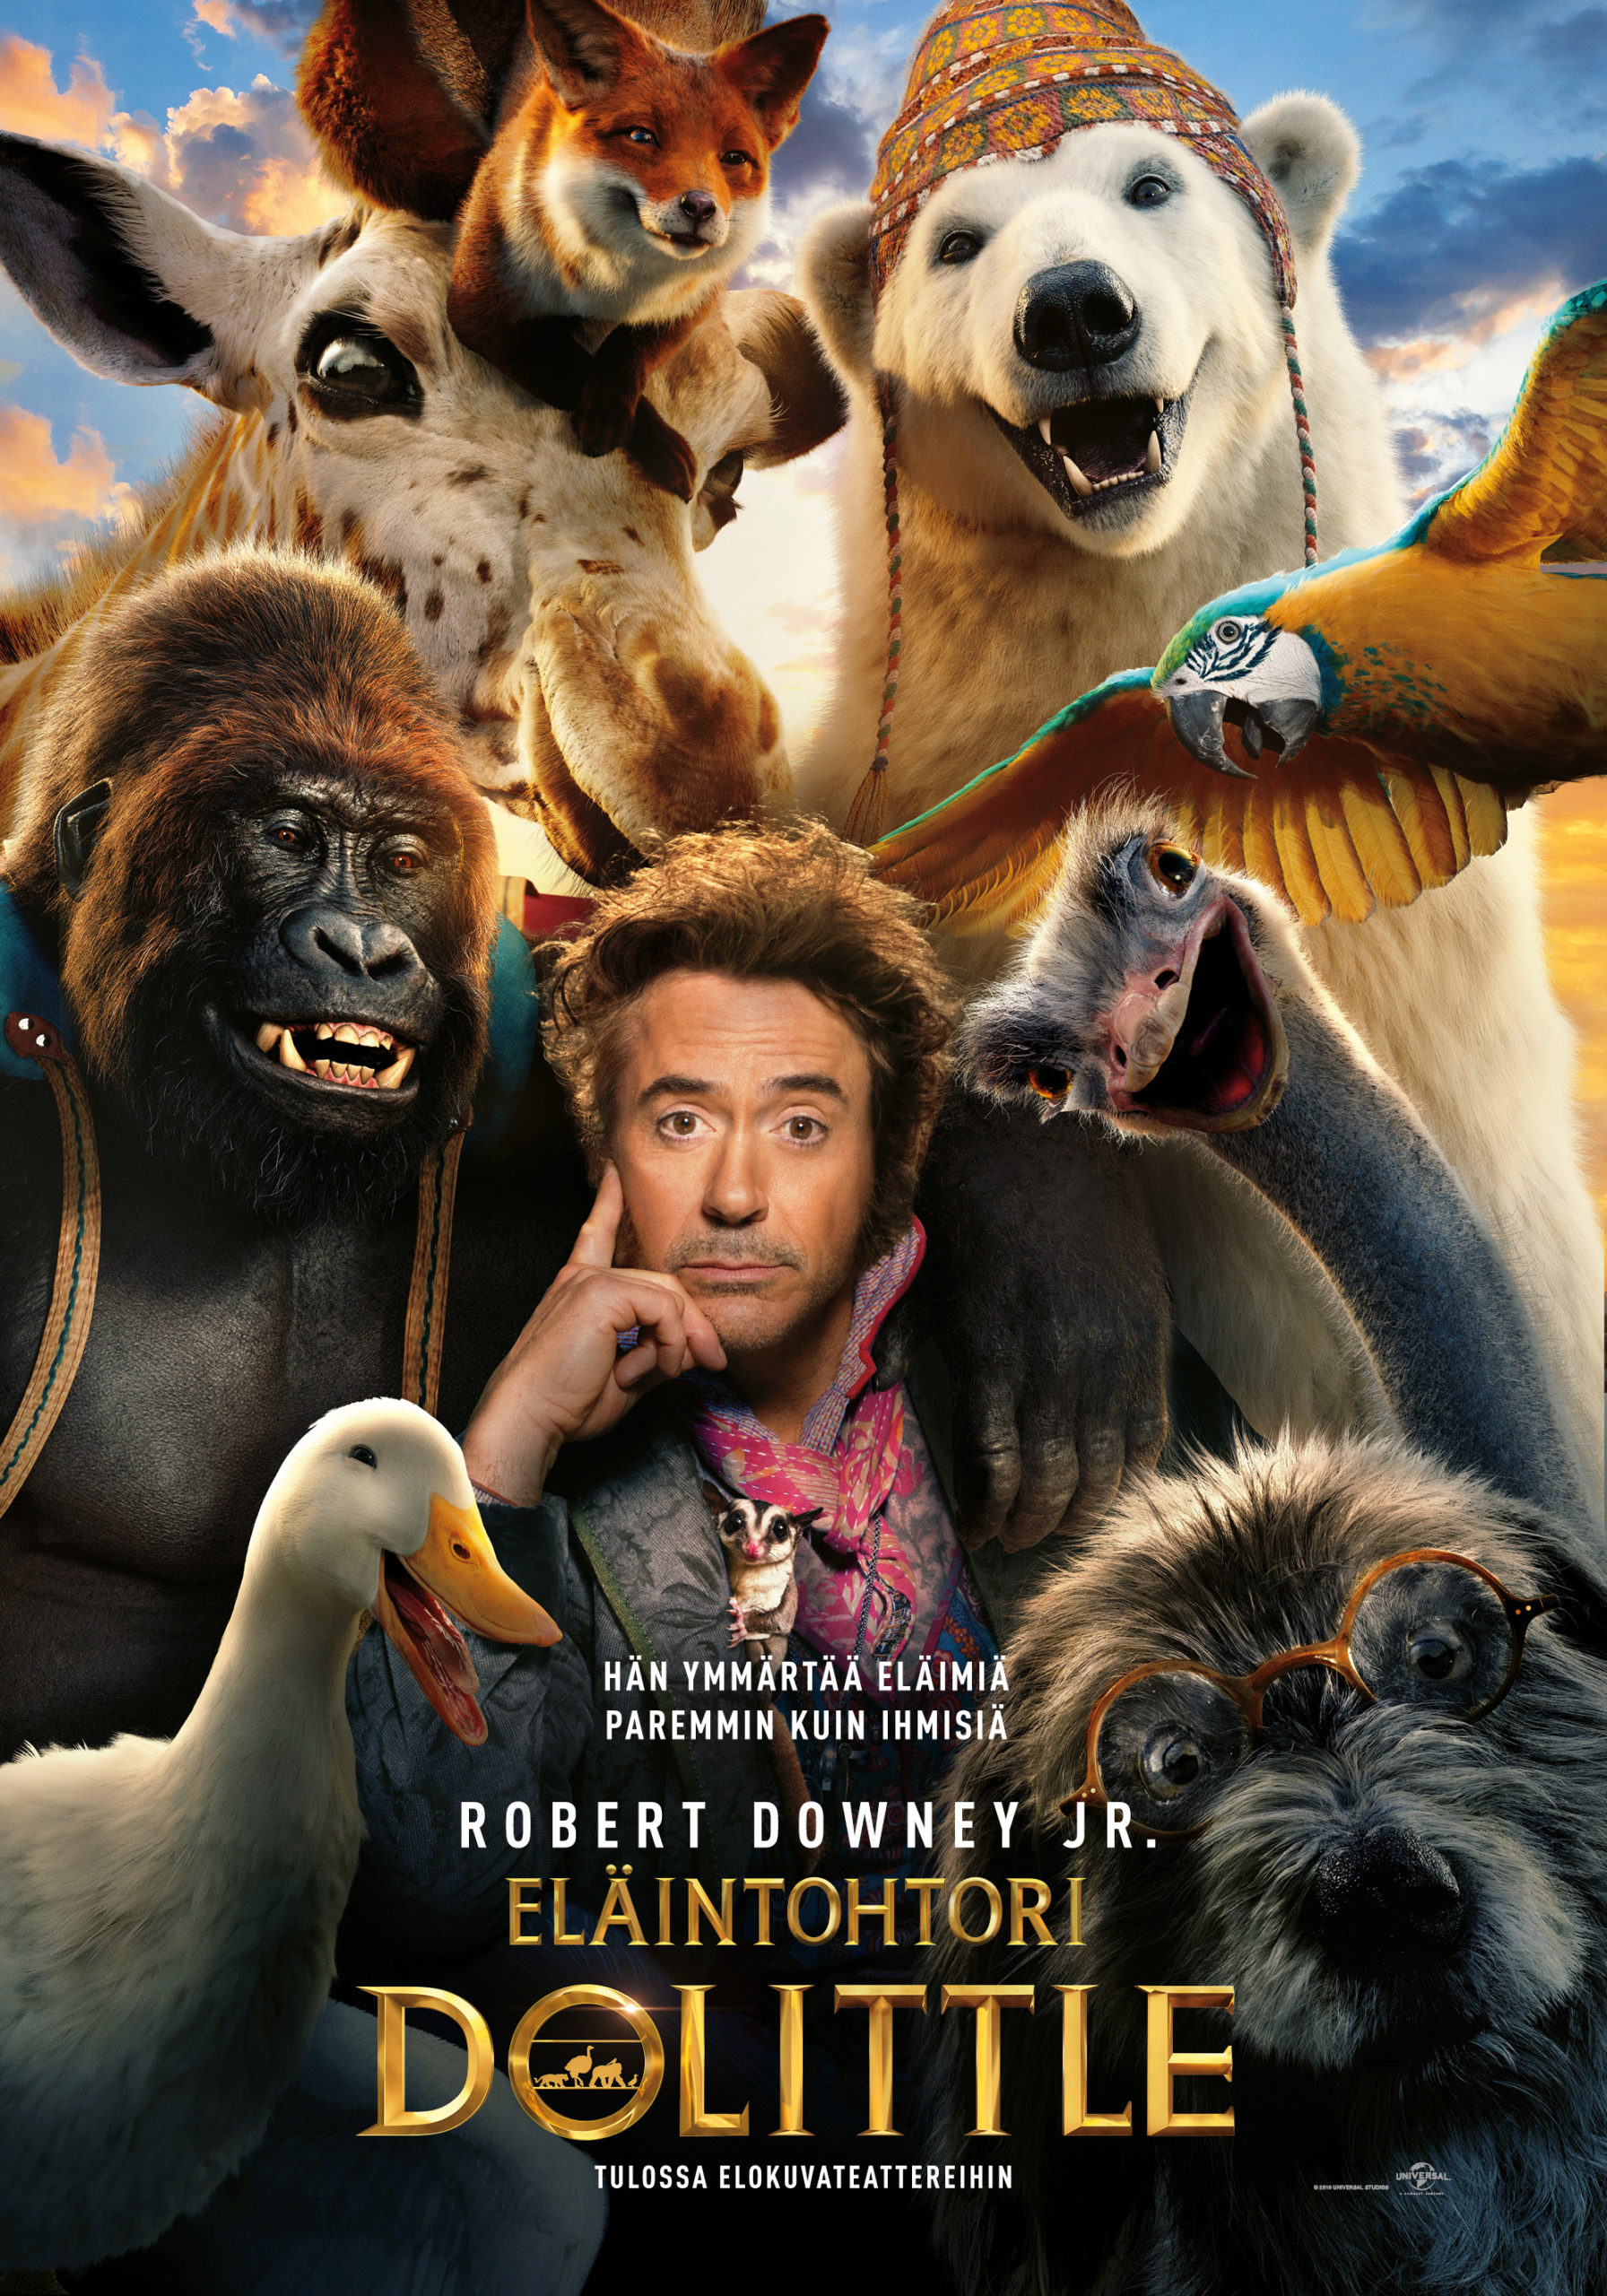 Lastenkirjallisuuden klassikkoon pohjautuva elokuva Eläintohtori Dolittle Kangasala-talon K-Kinossa tammikuussa 2020.